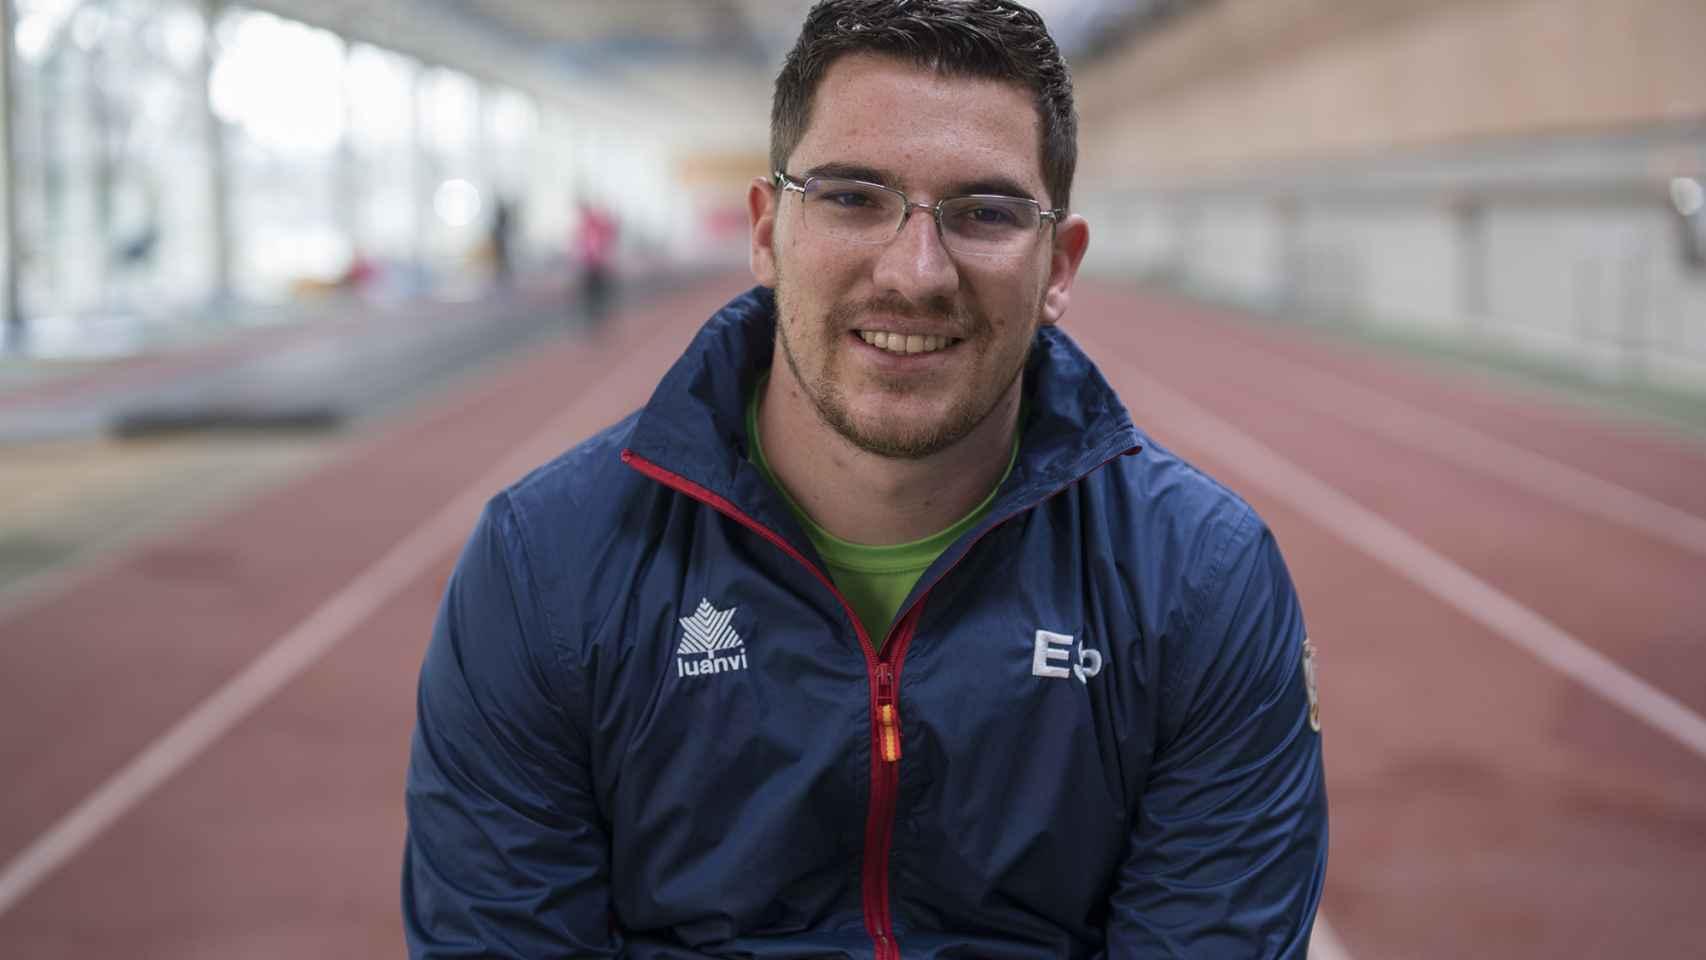 Héctor Cabrera, quinto en lanzamiento de jabalina en los Juegos Paralímpicos de Río 2016